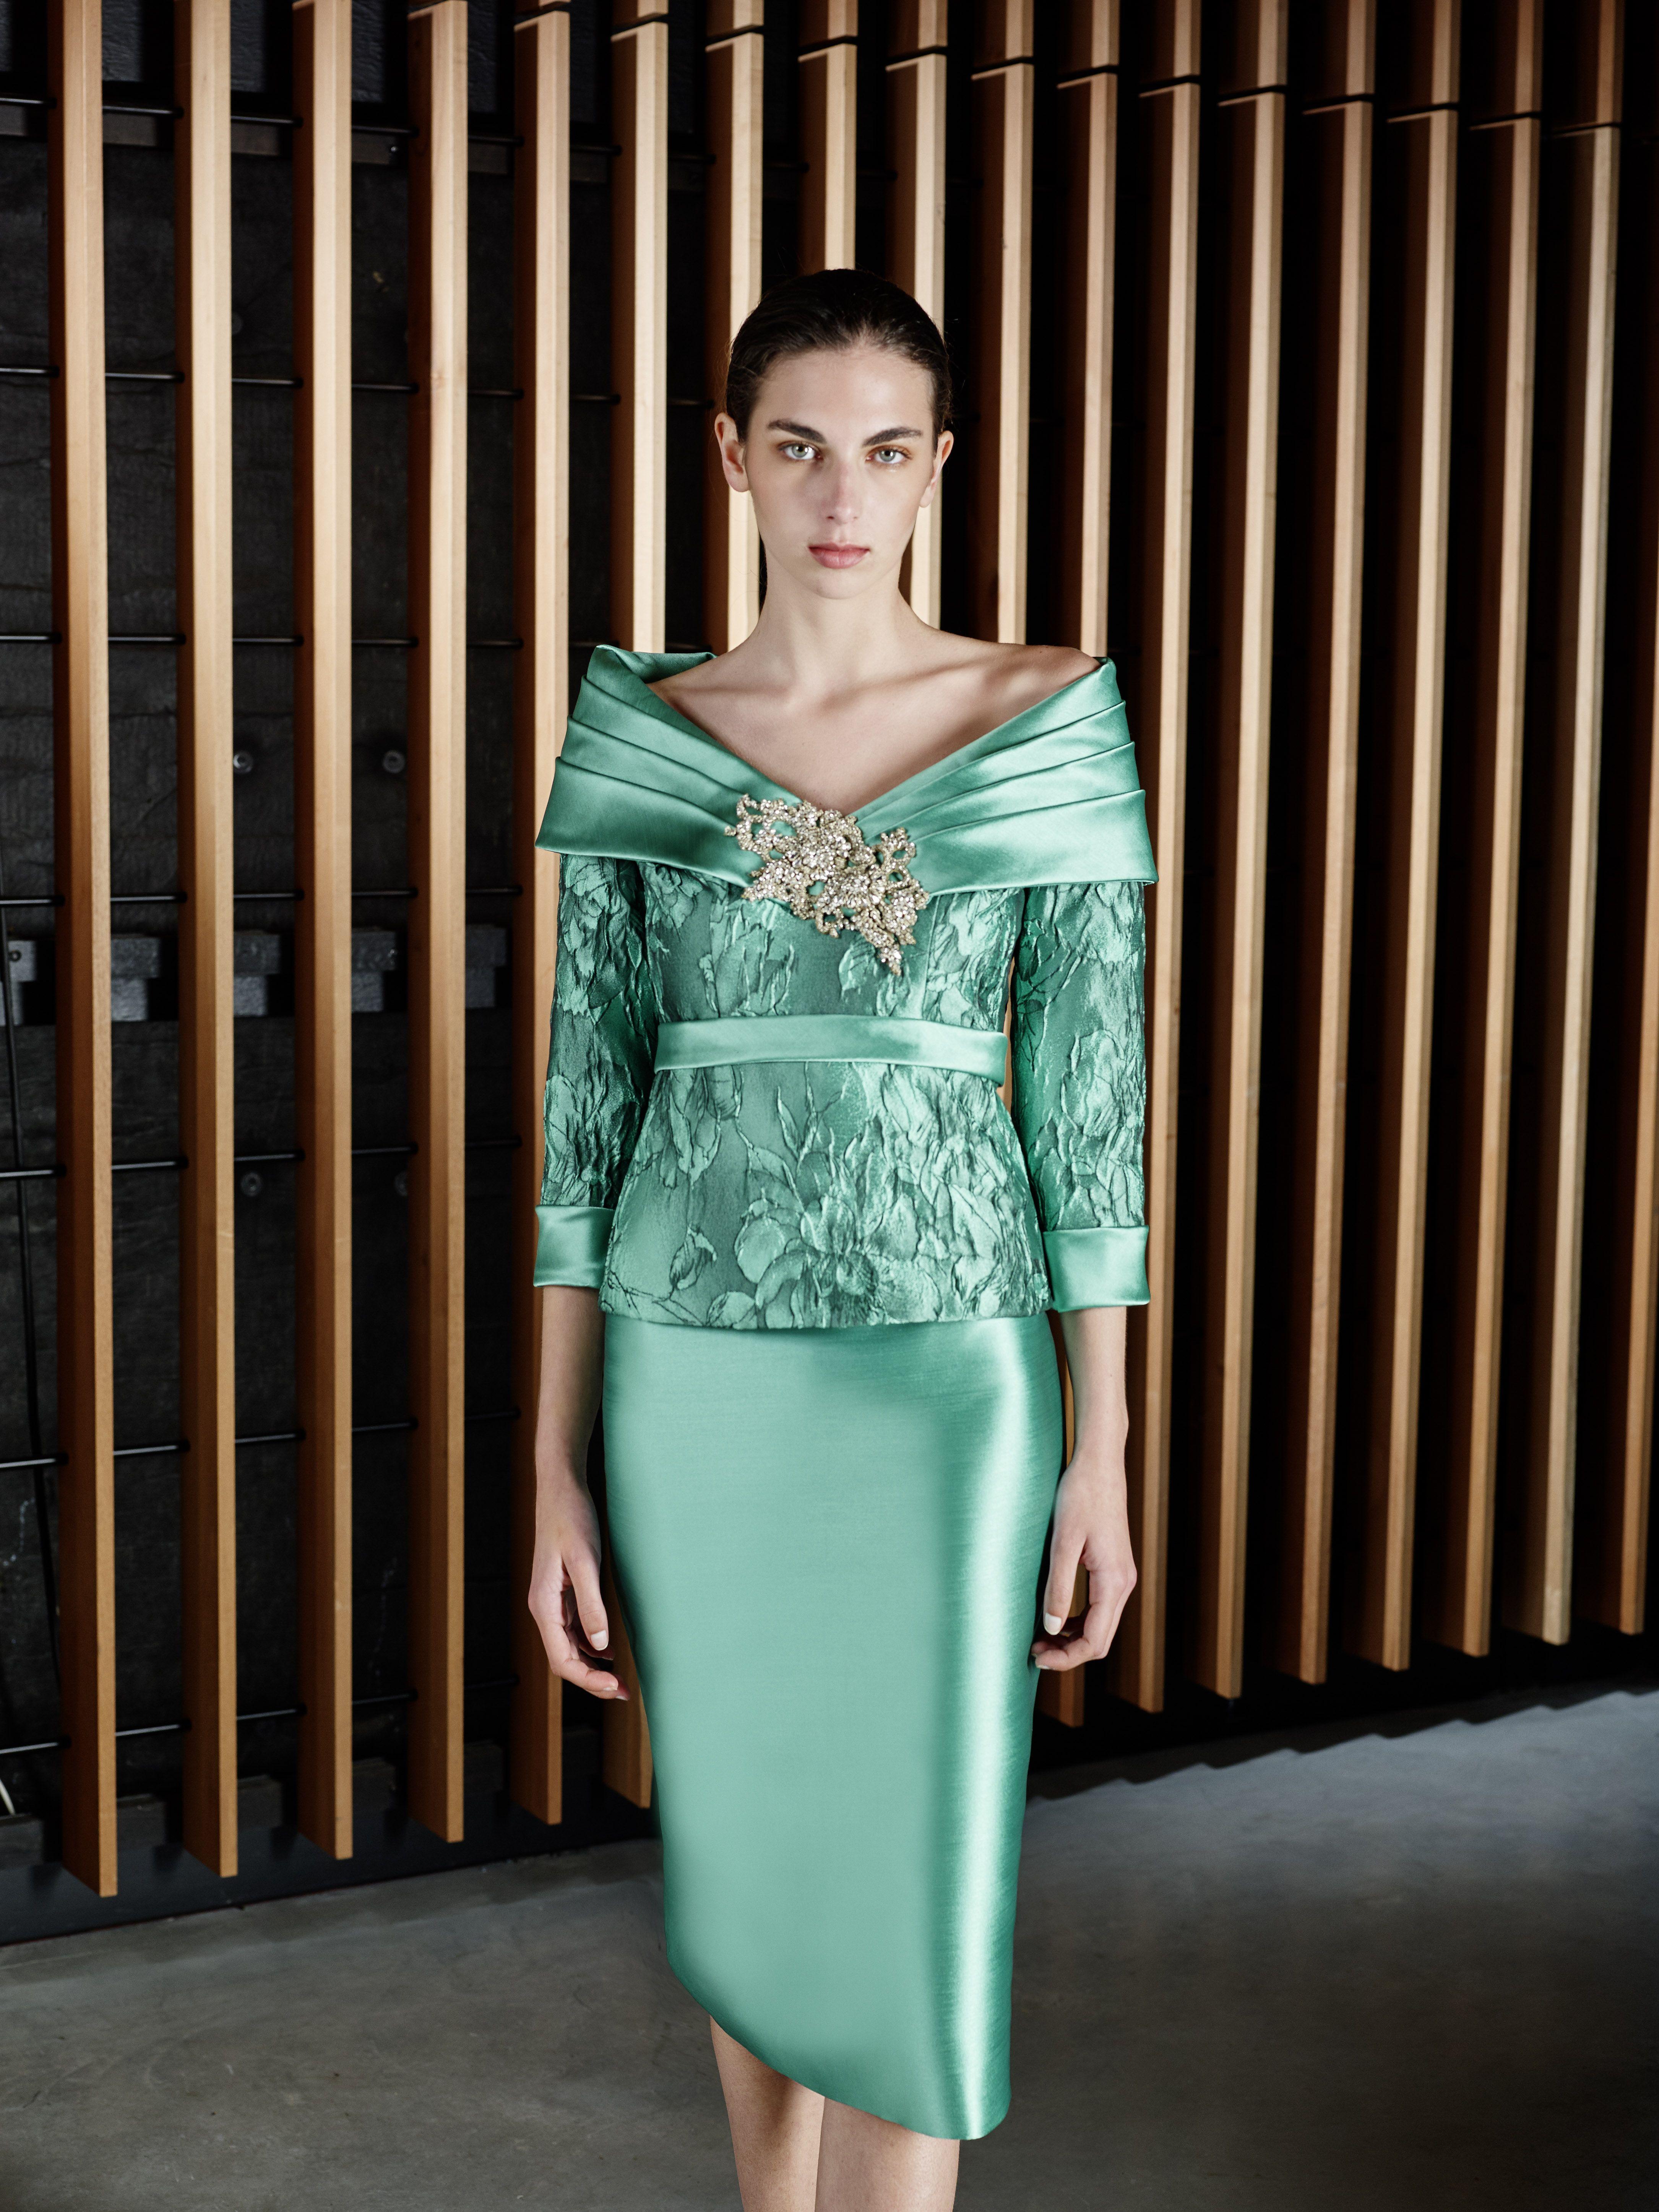 Vestido de fiesta de Patricia Avendaño colección 2017 | Moda ...